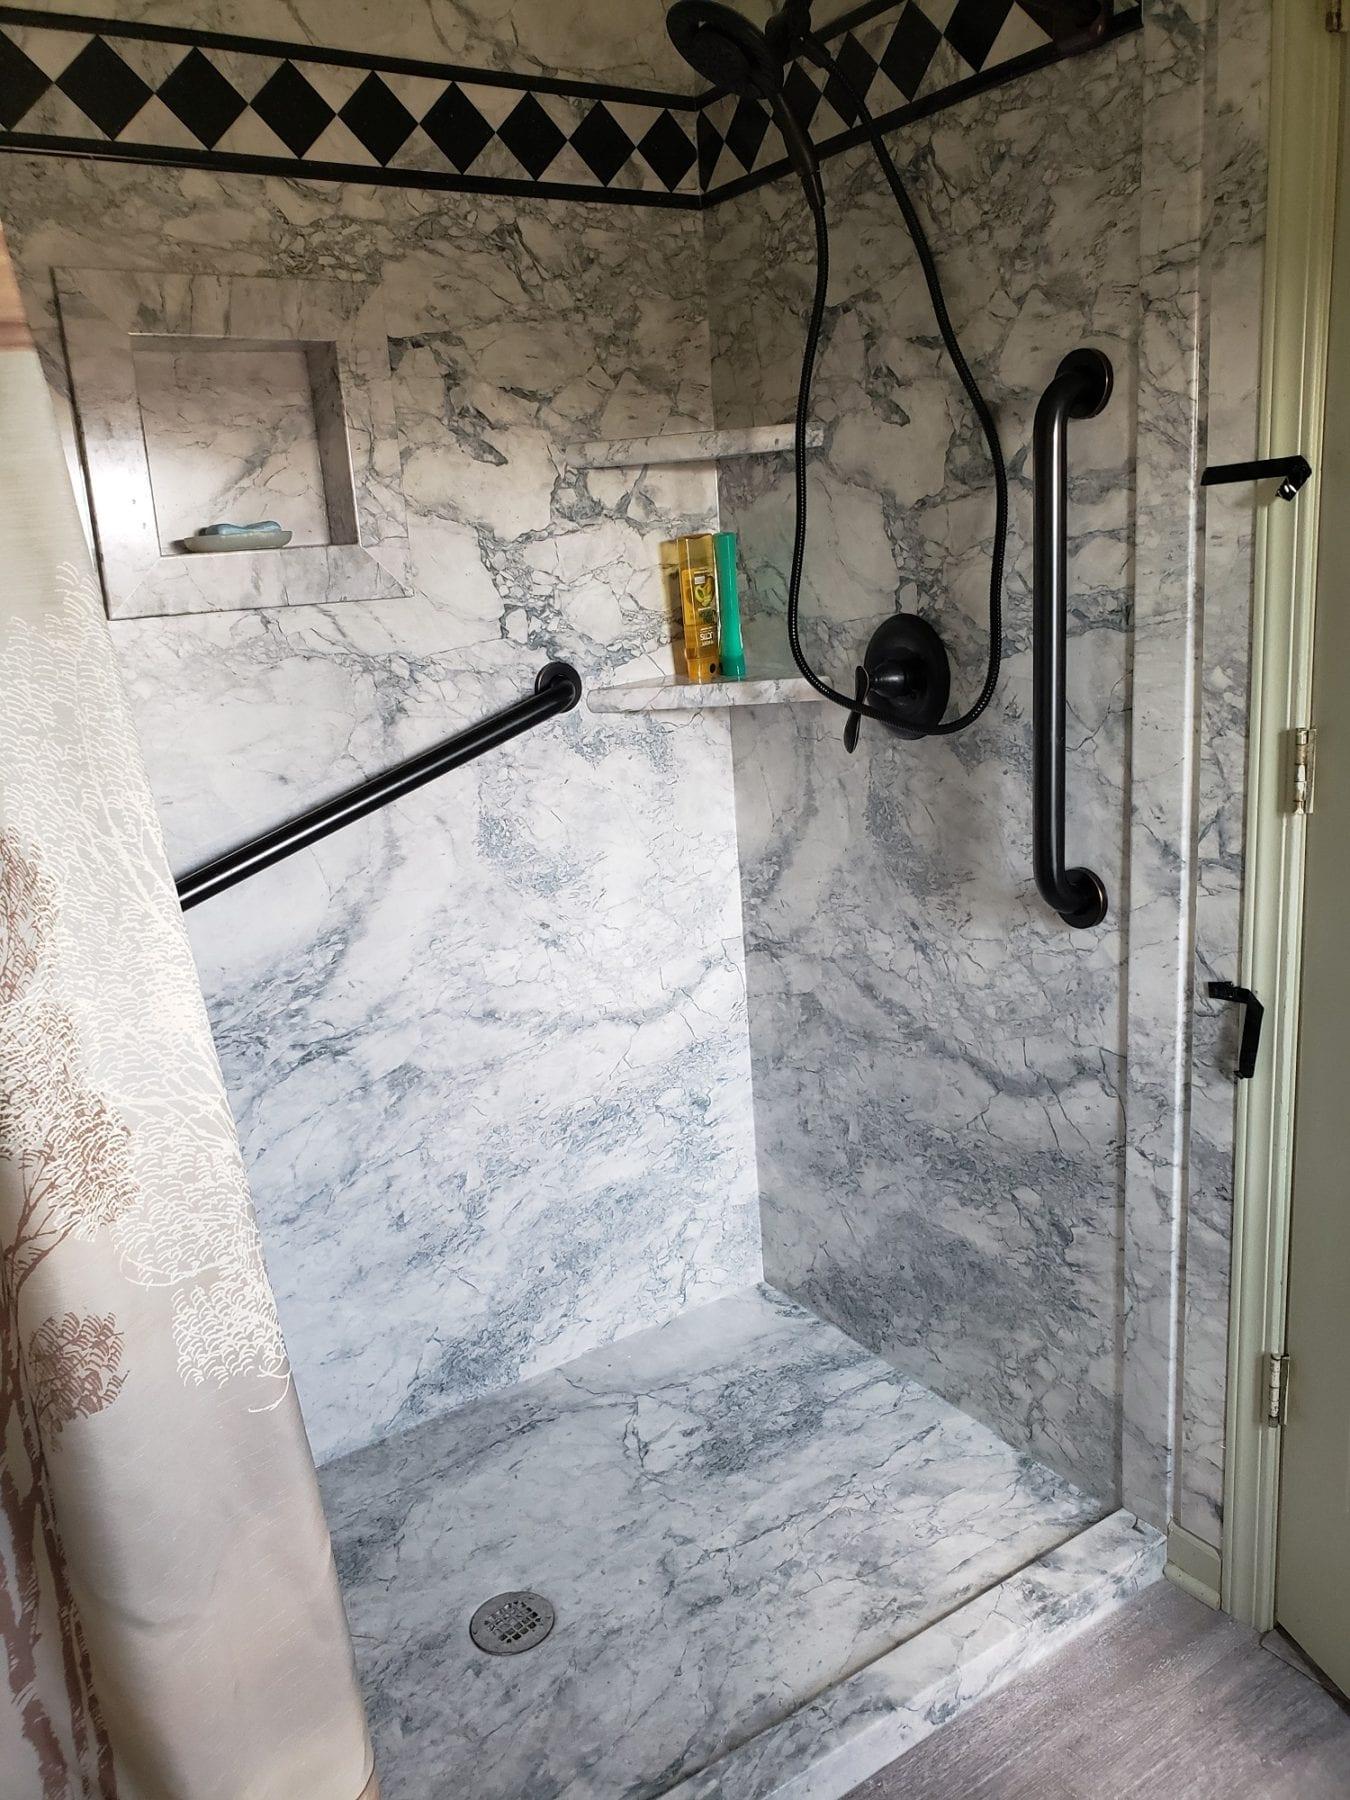 Flexstone Shower : flexstone, shower, Flexstone, Shower, Bathroom, Remodeling, Remodeltoledo.com